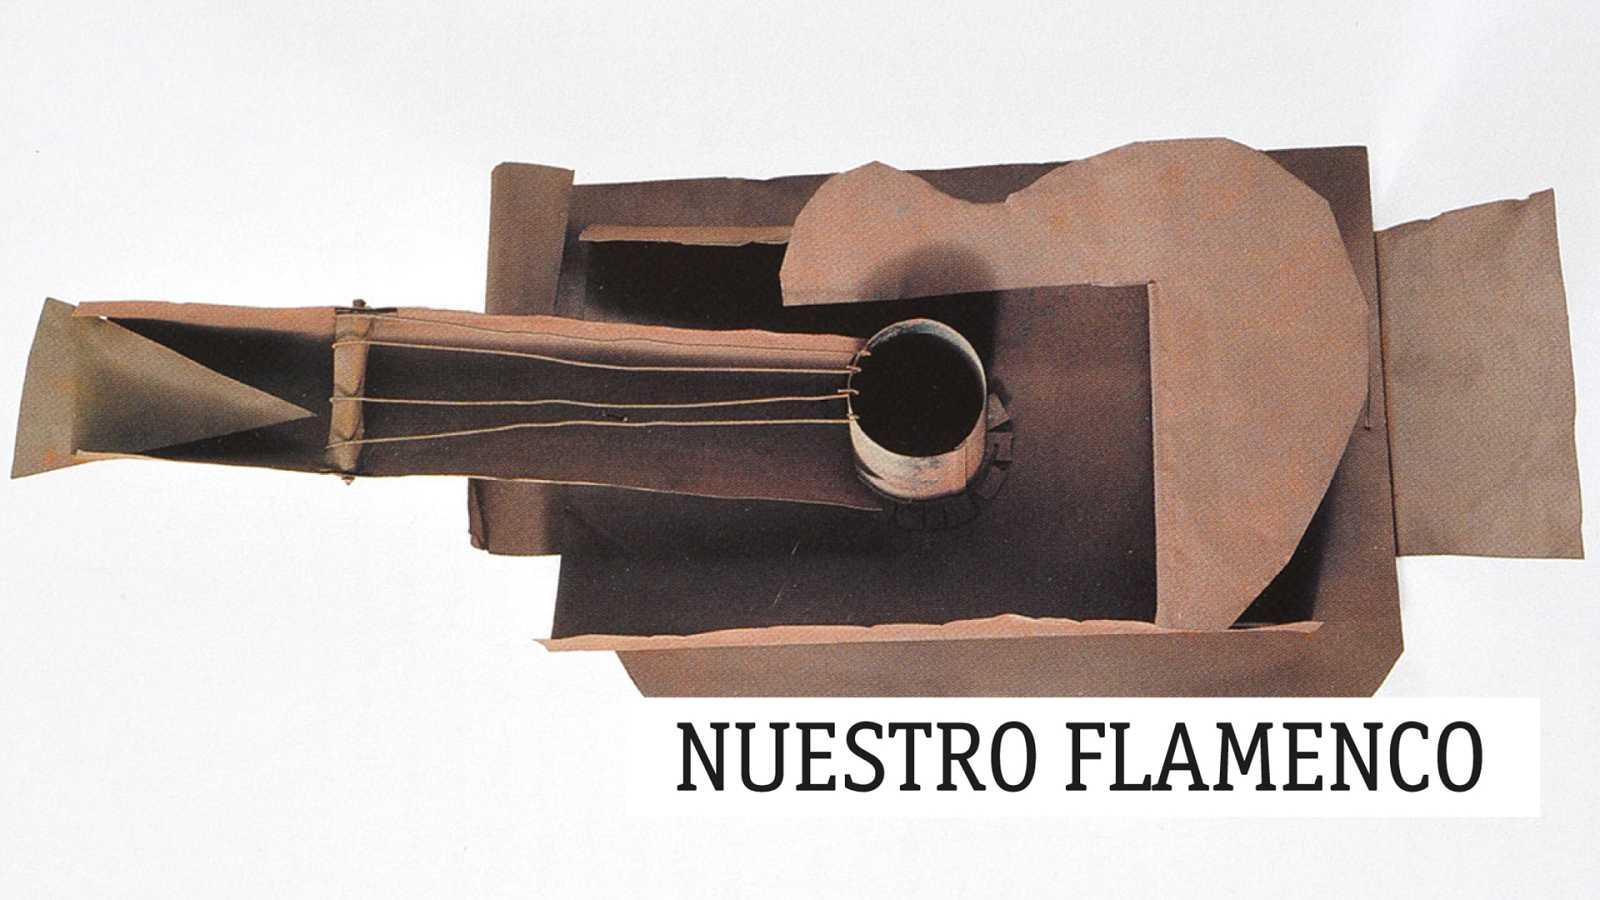 Nuestro flamenco - Círculo Flamenco de Madrid - 05/11/20 - escuchar ahora